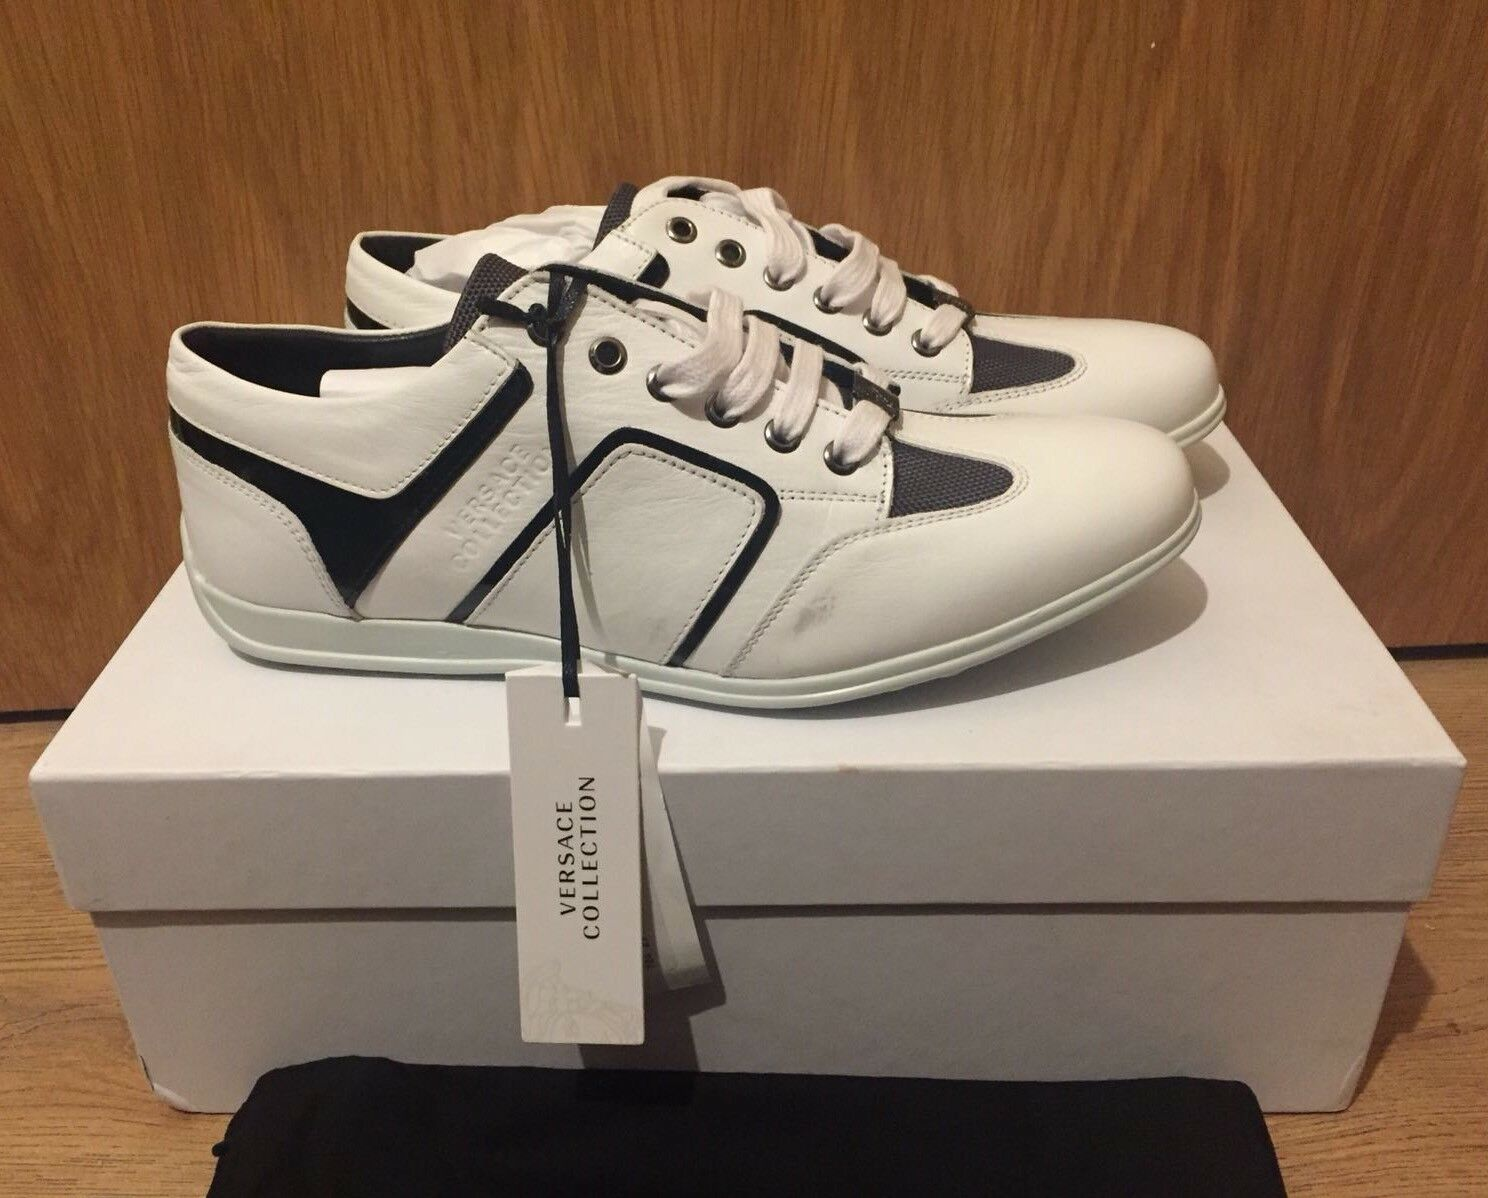 Versace Collection Off-Weiß Niedrig Top Top Top Logo Trainers Sneakers UK 6.5 c89820